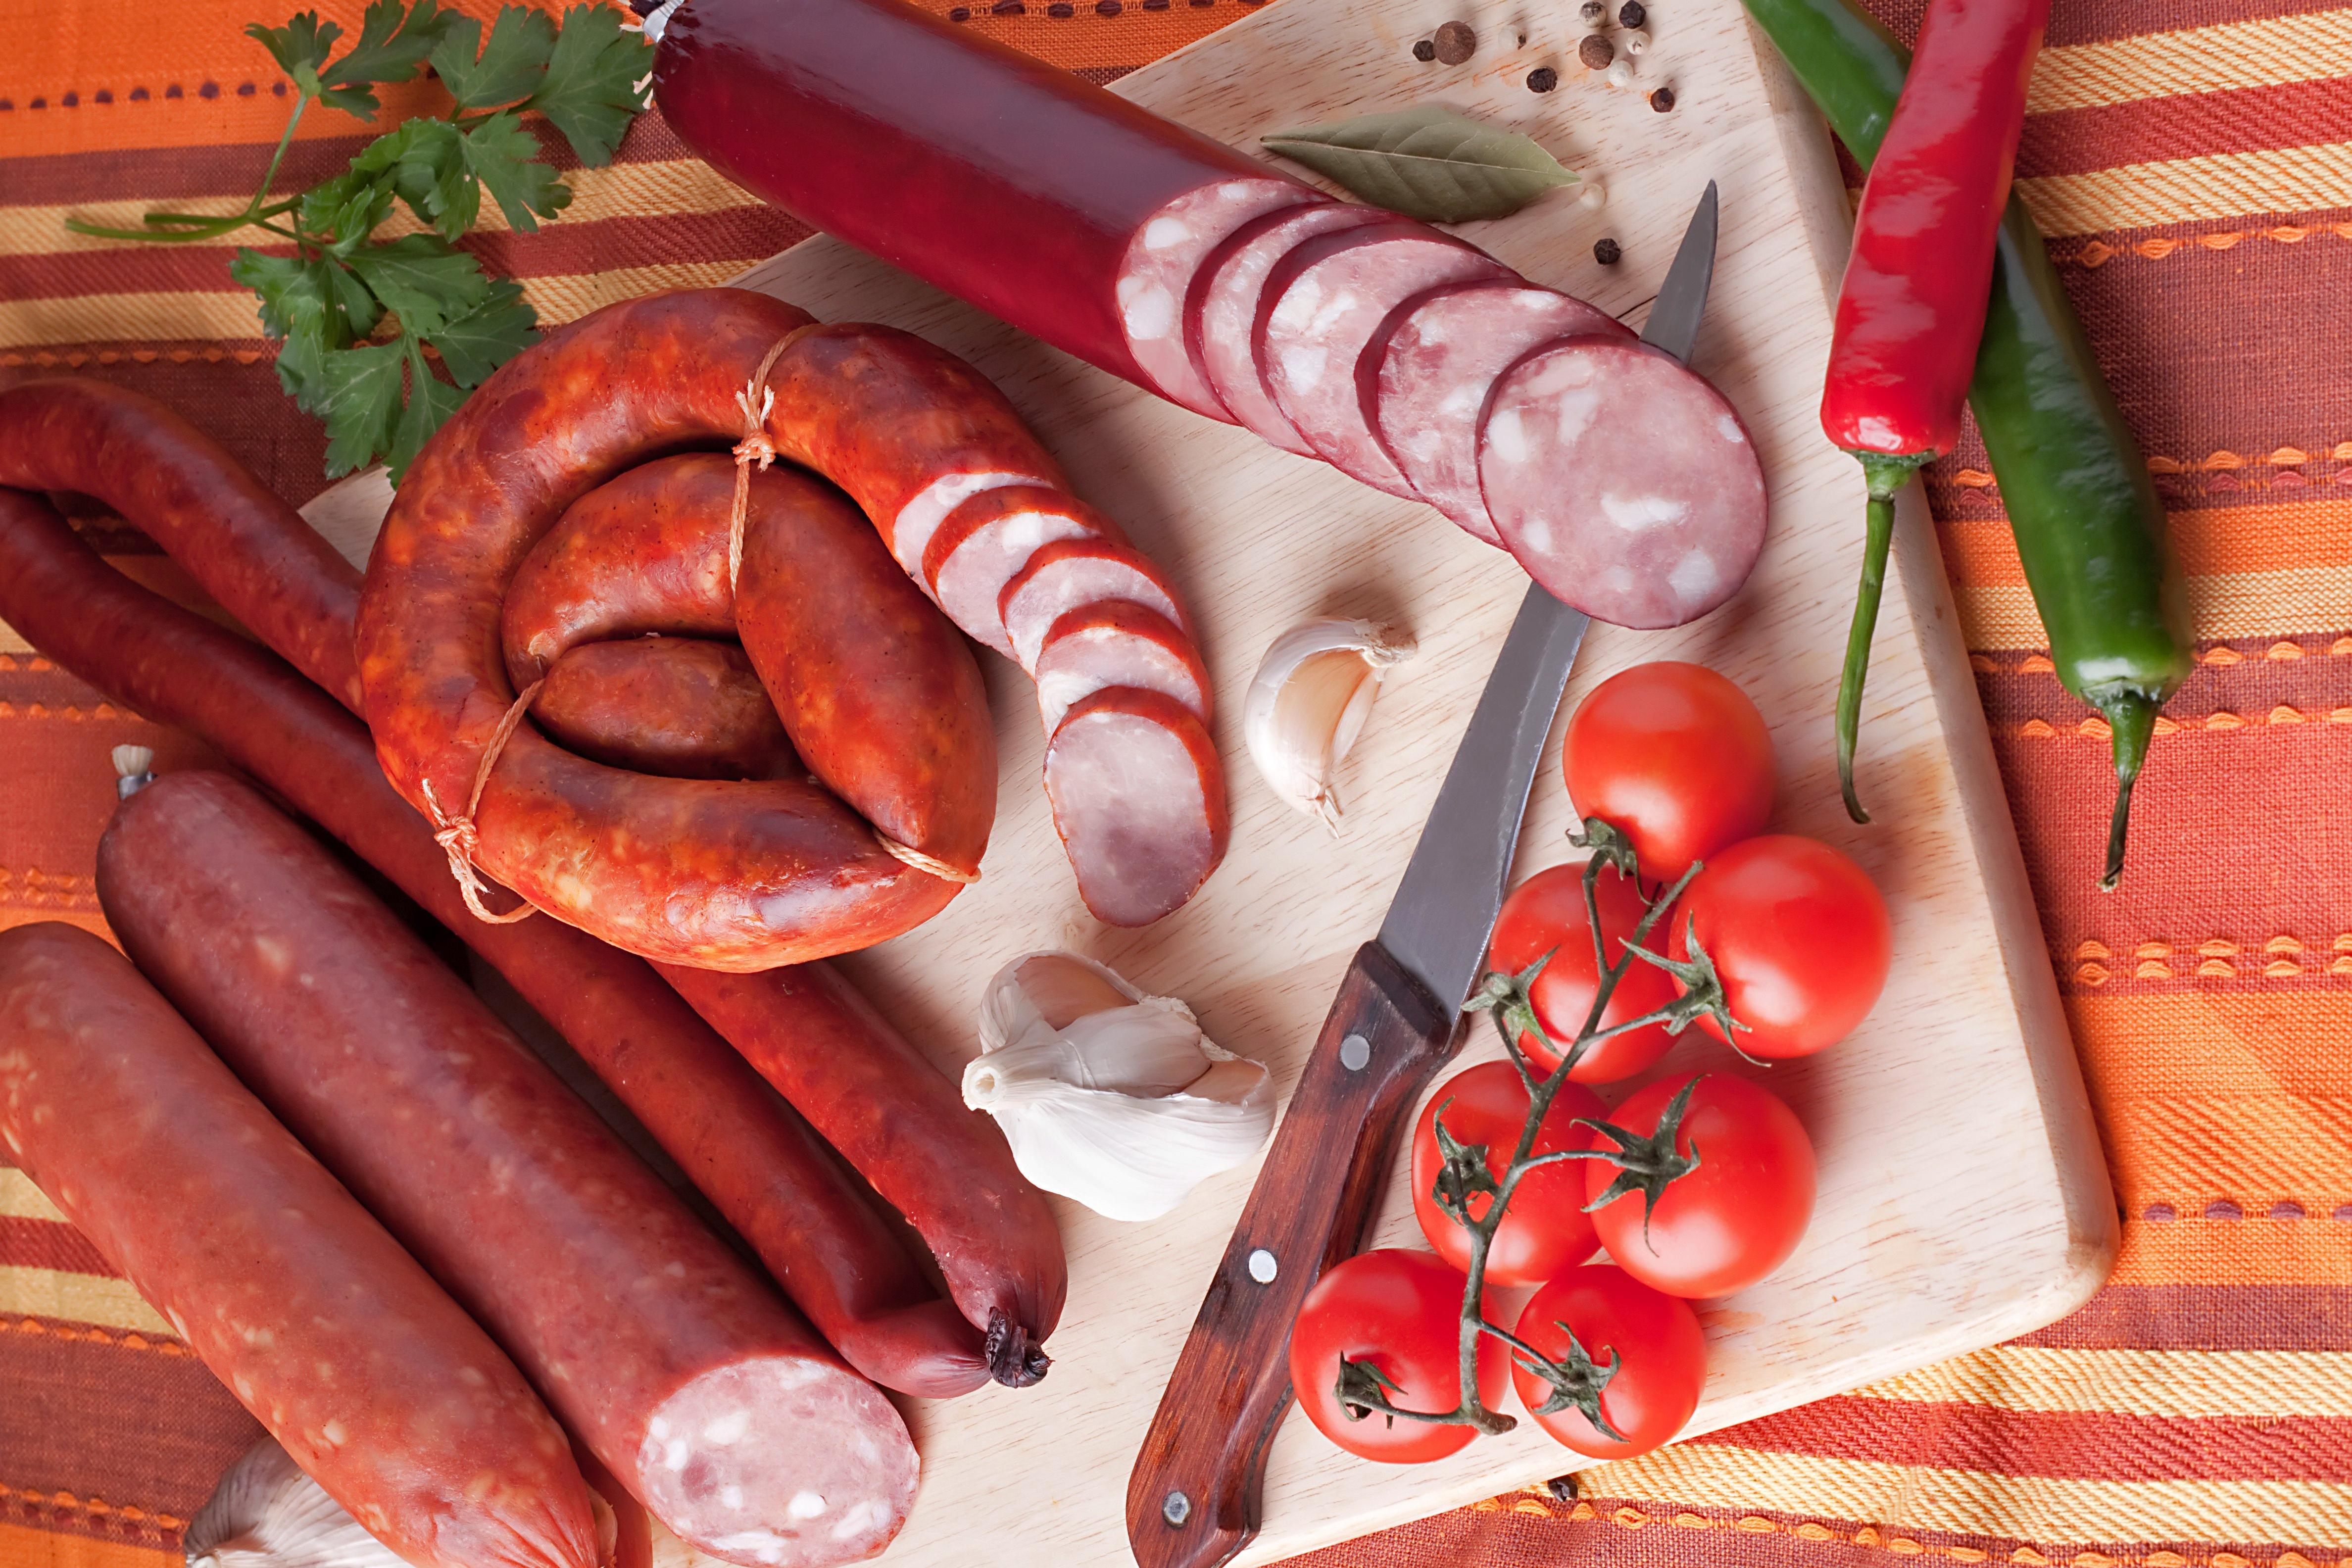 еда колбаса сосиски мясо салат  № 2121889 без смс